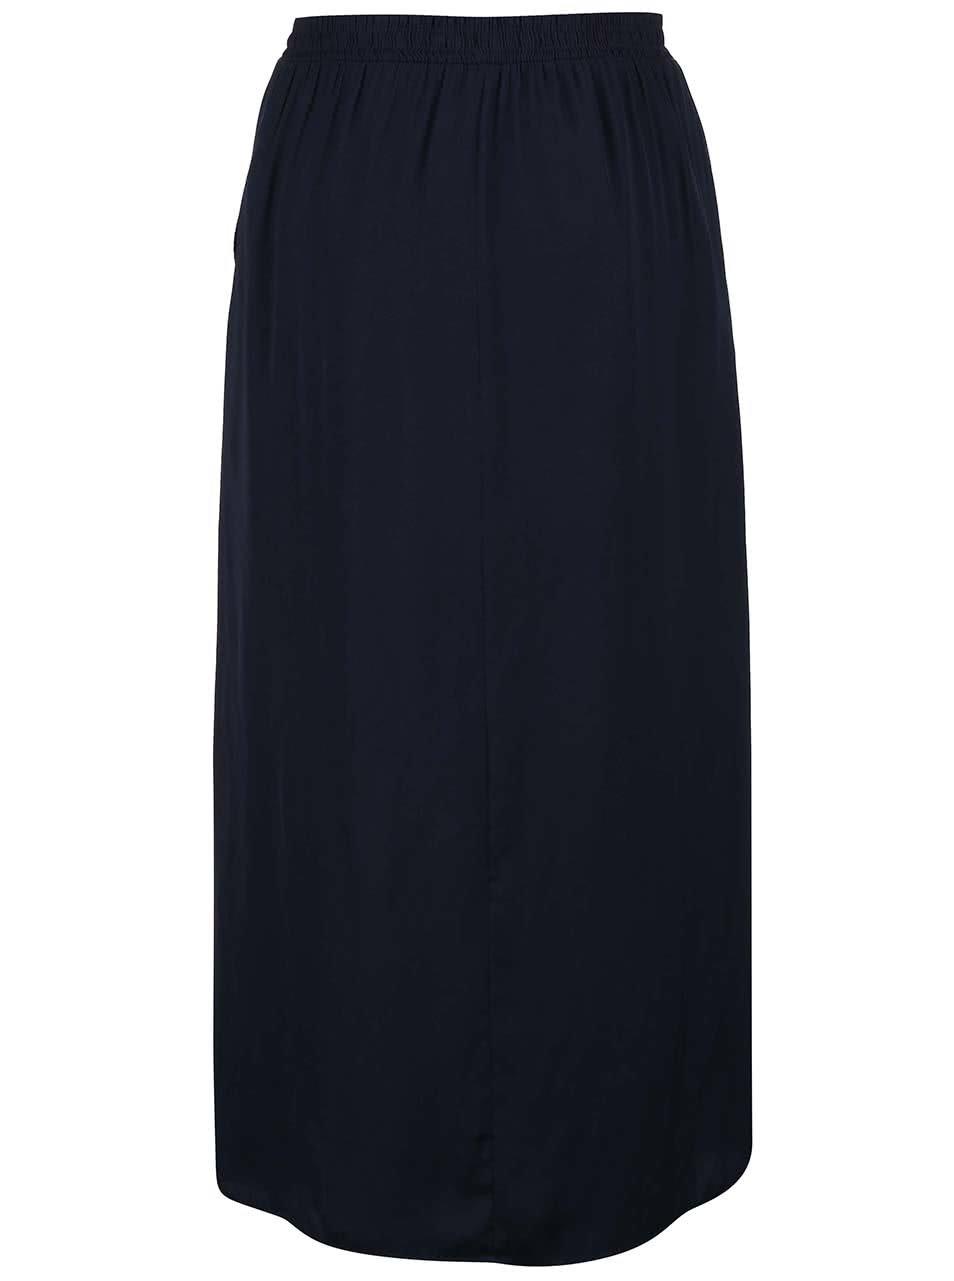 7df1e758d710 Tmavomodrá dlhá sukňa VERO MODA Nellie ...